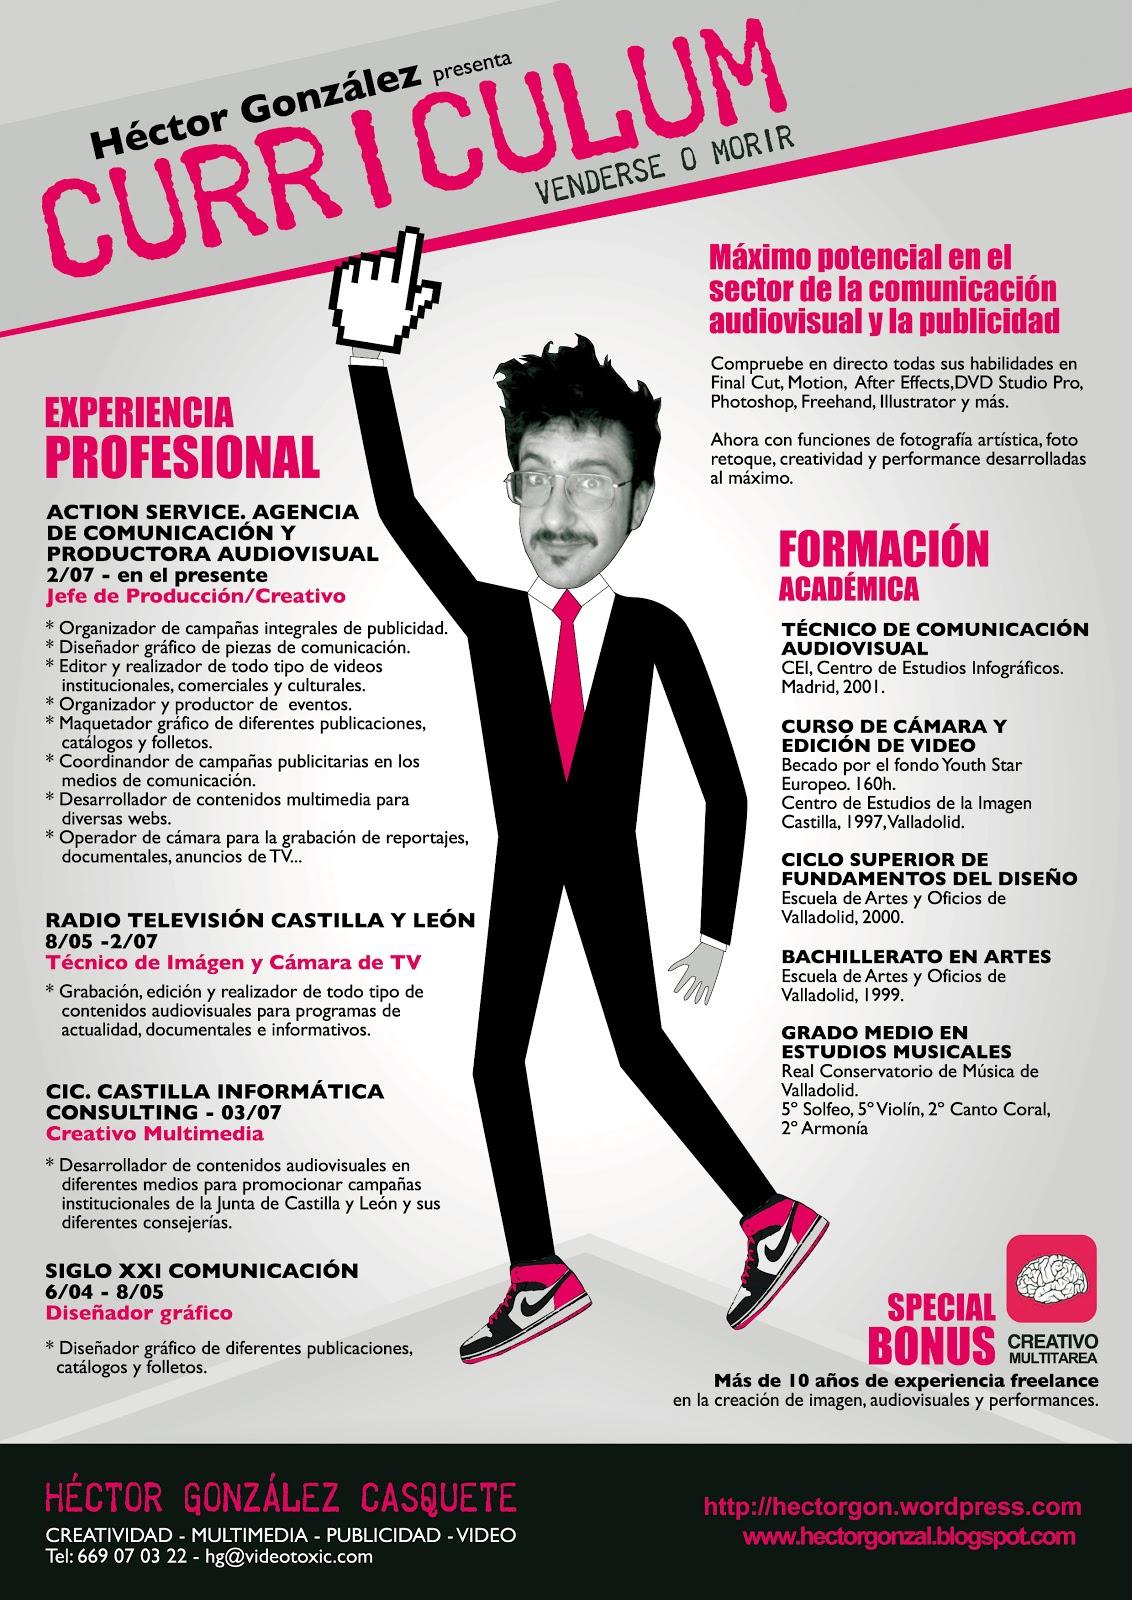 Cómo hacer un currículum creativo?